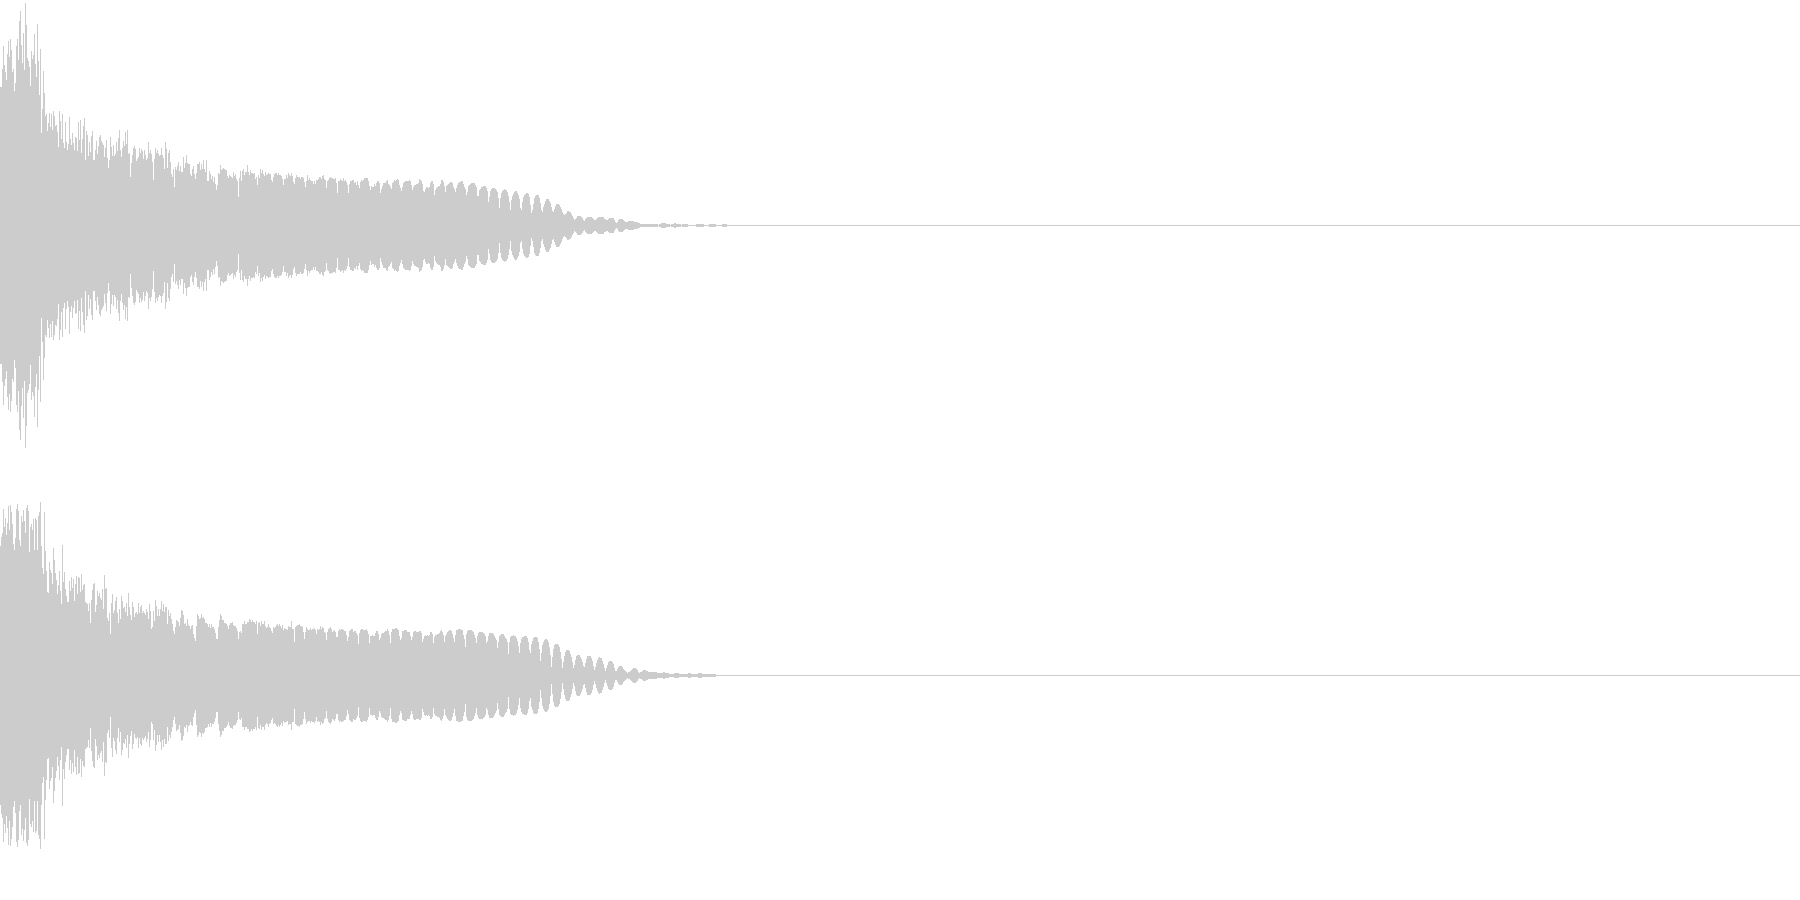 刀 剣 カキーン シャキーン 目立つ11の未再生の波形